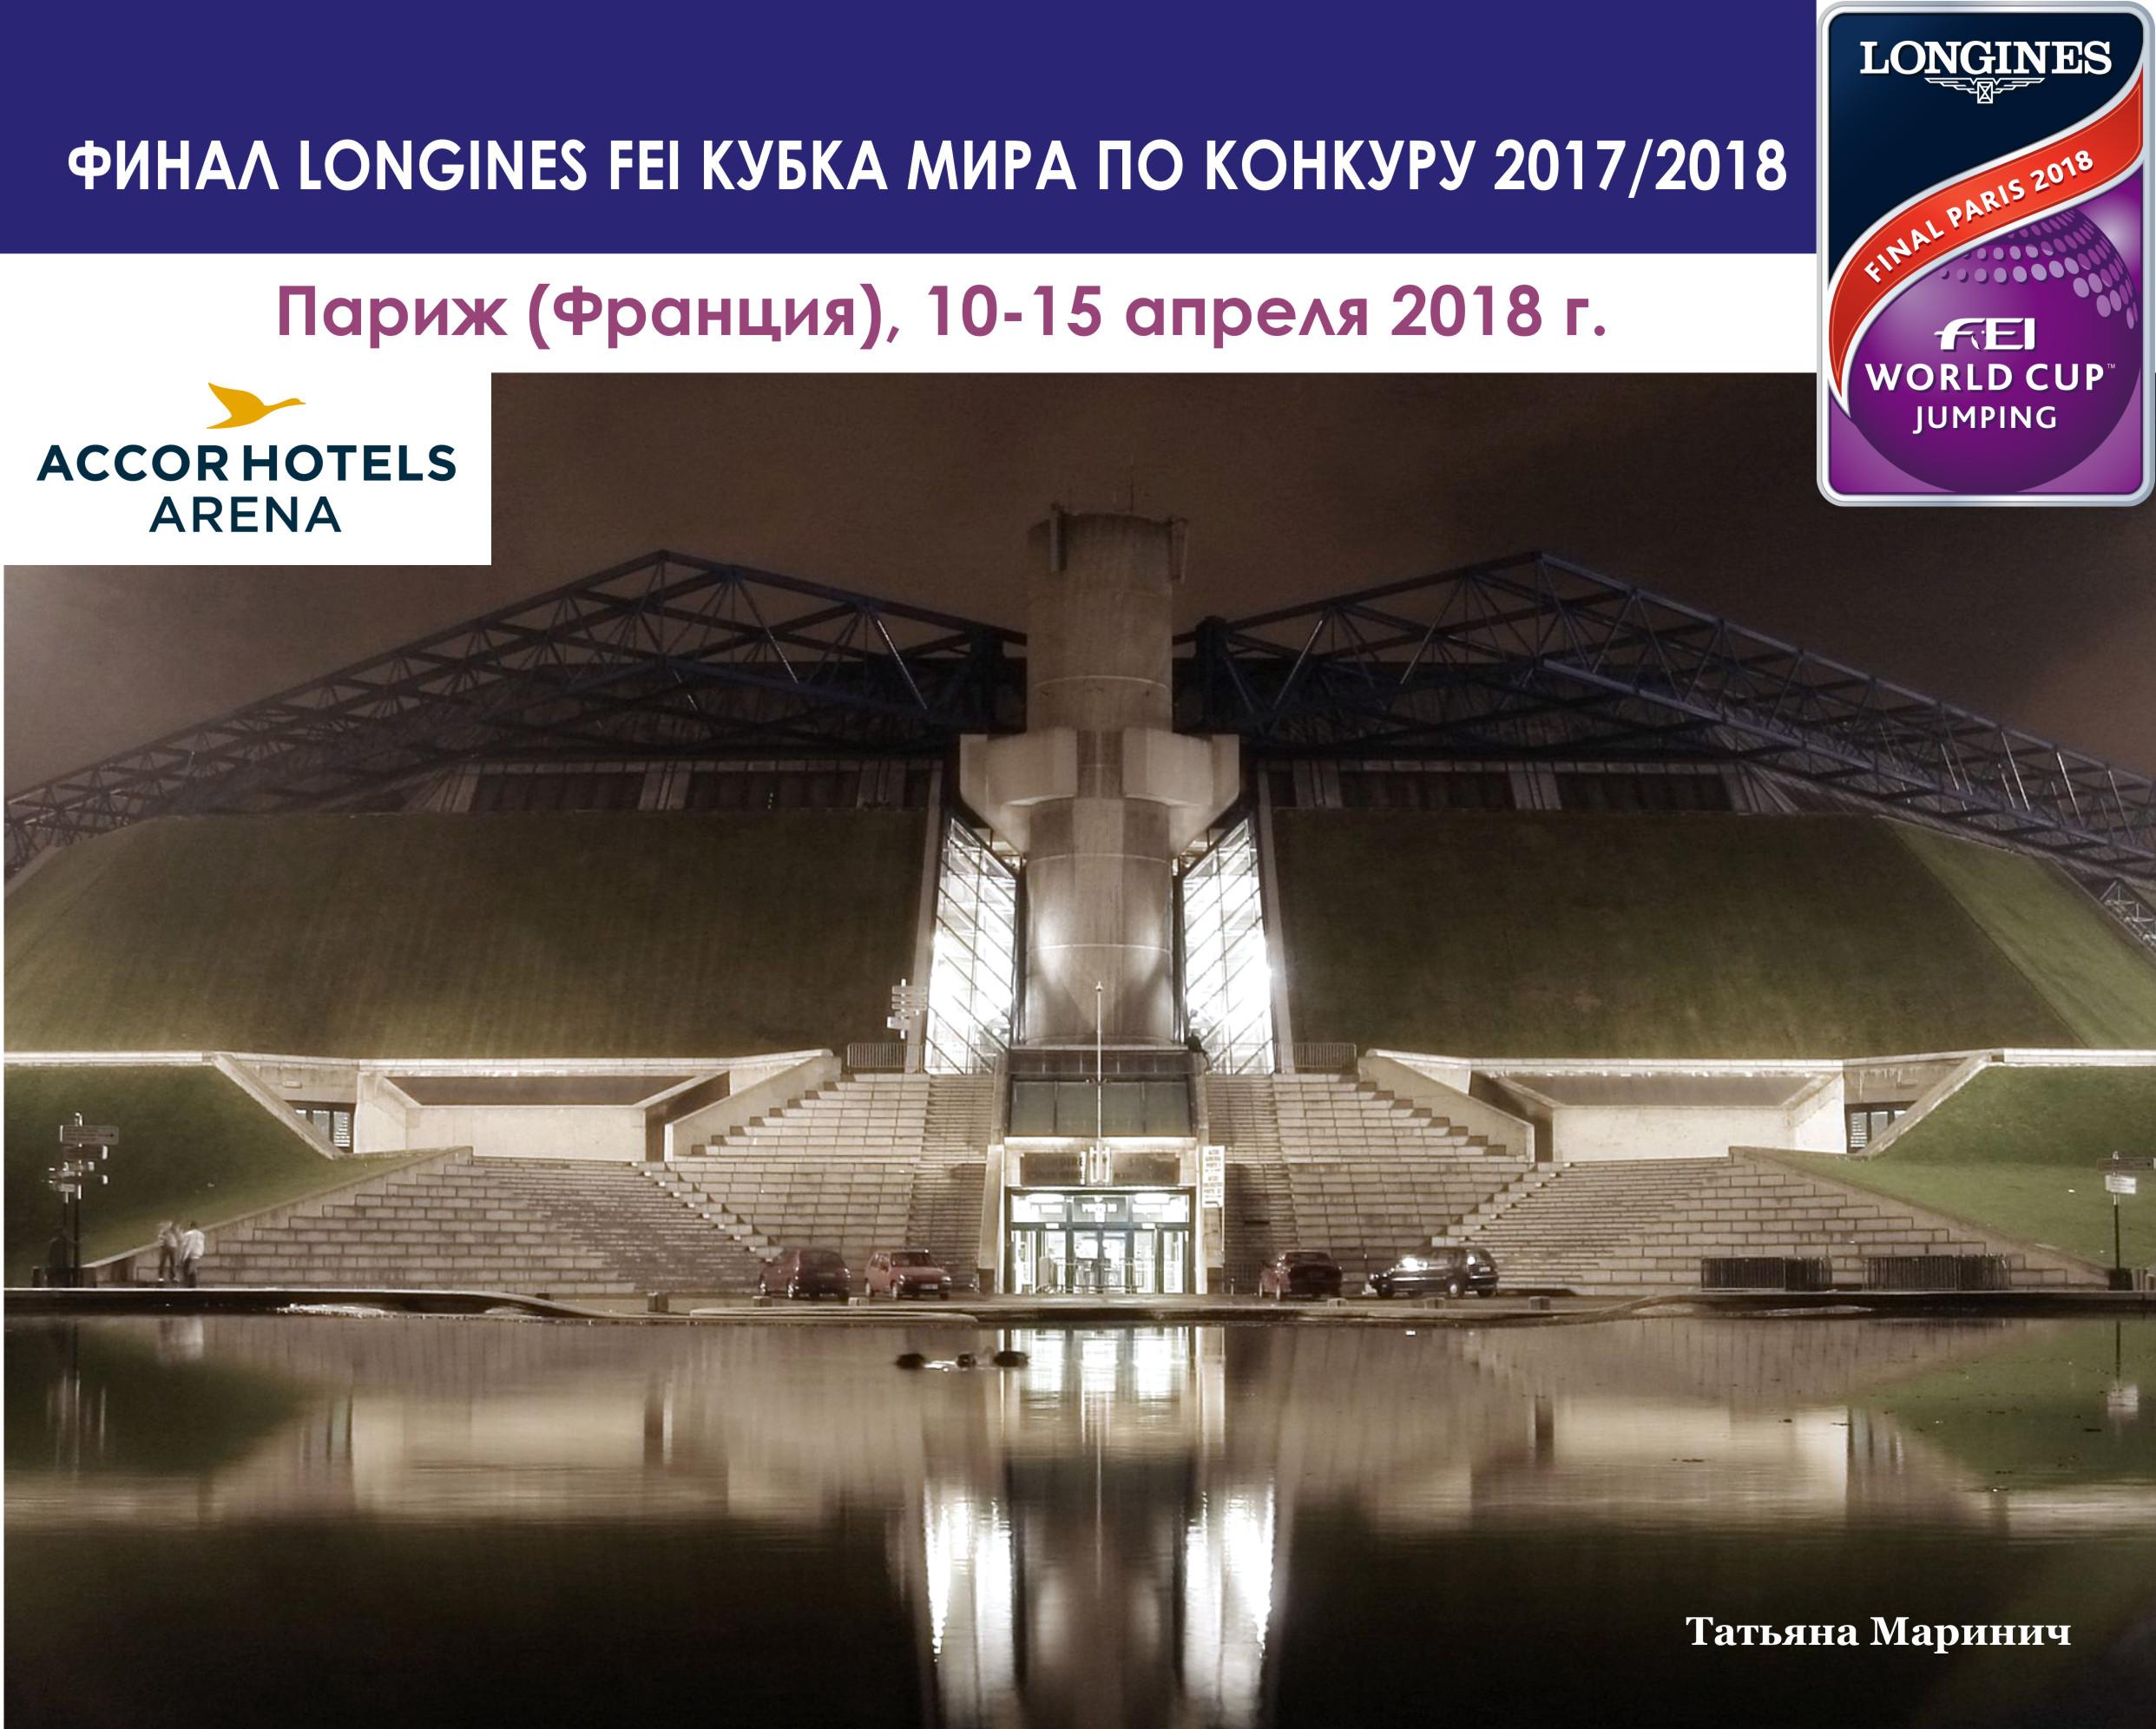 Финал Longines FEI Кубка мира по конкуру 2017/2018 Париж (Франция), 10-15 апреля 2018 г. (выпуск журнала №40)